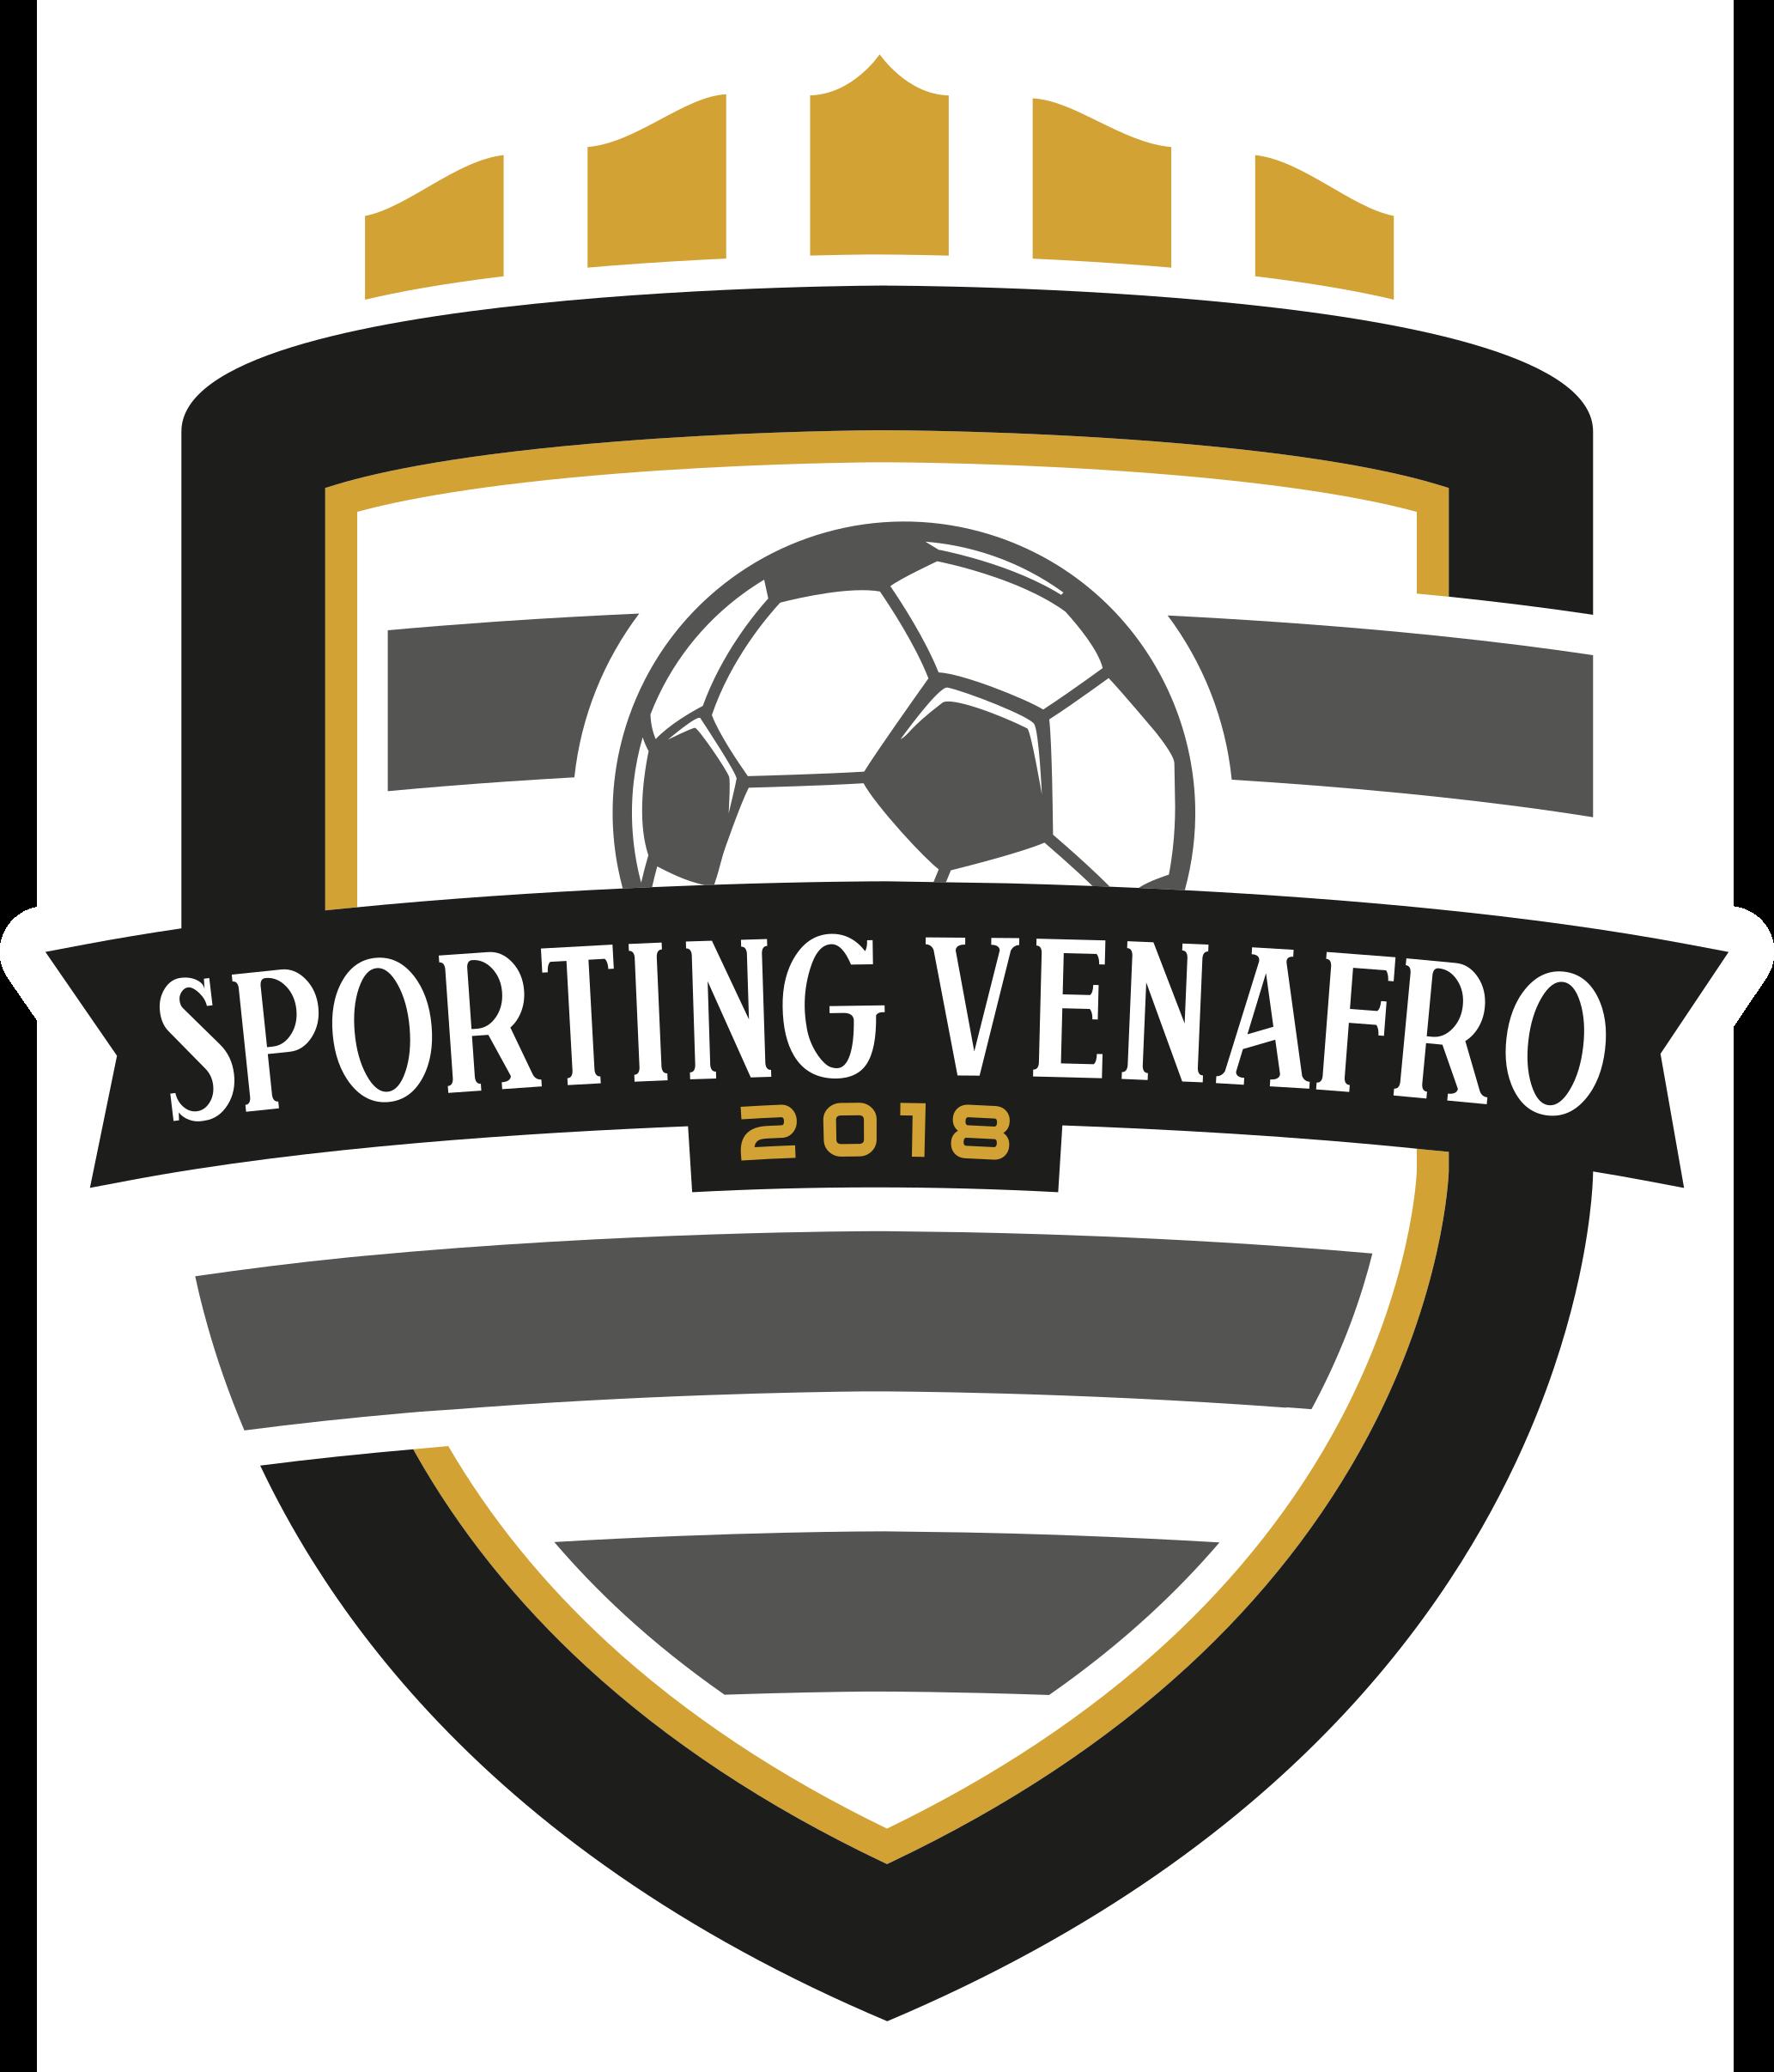 SPORTING VENAFRO